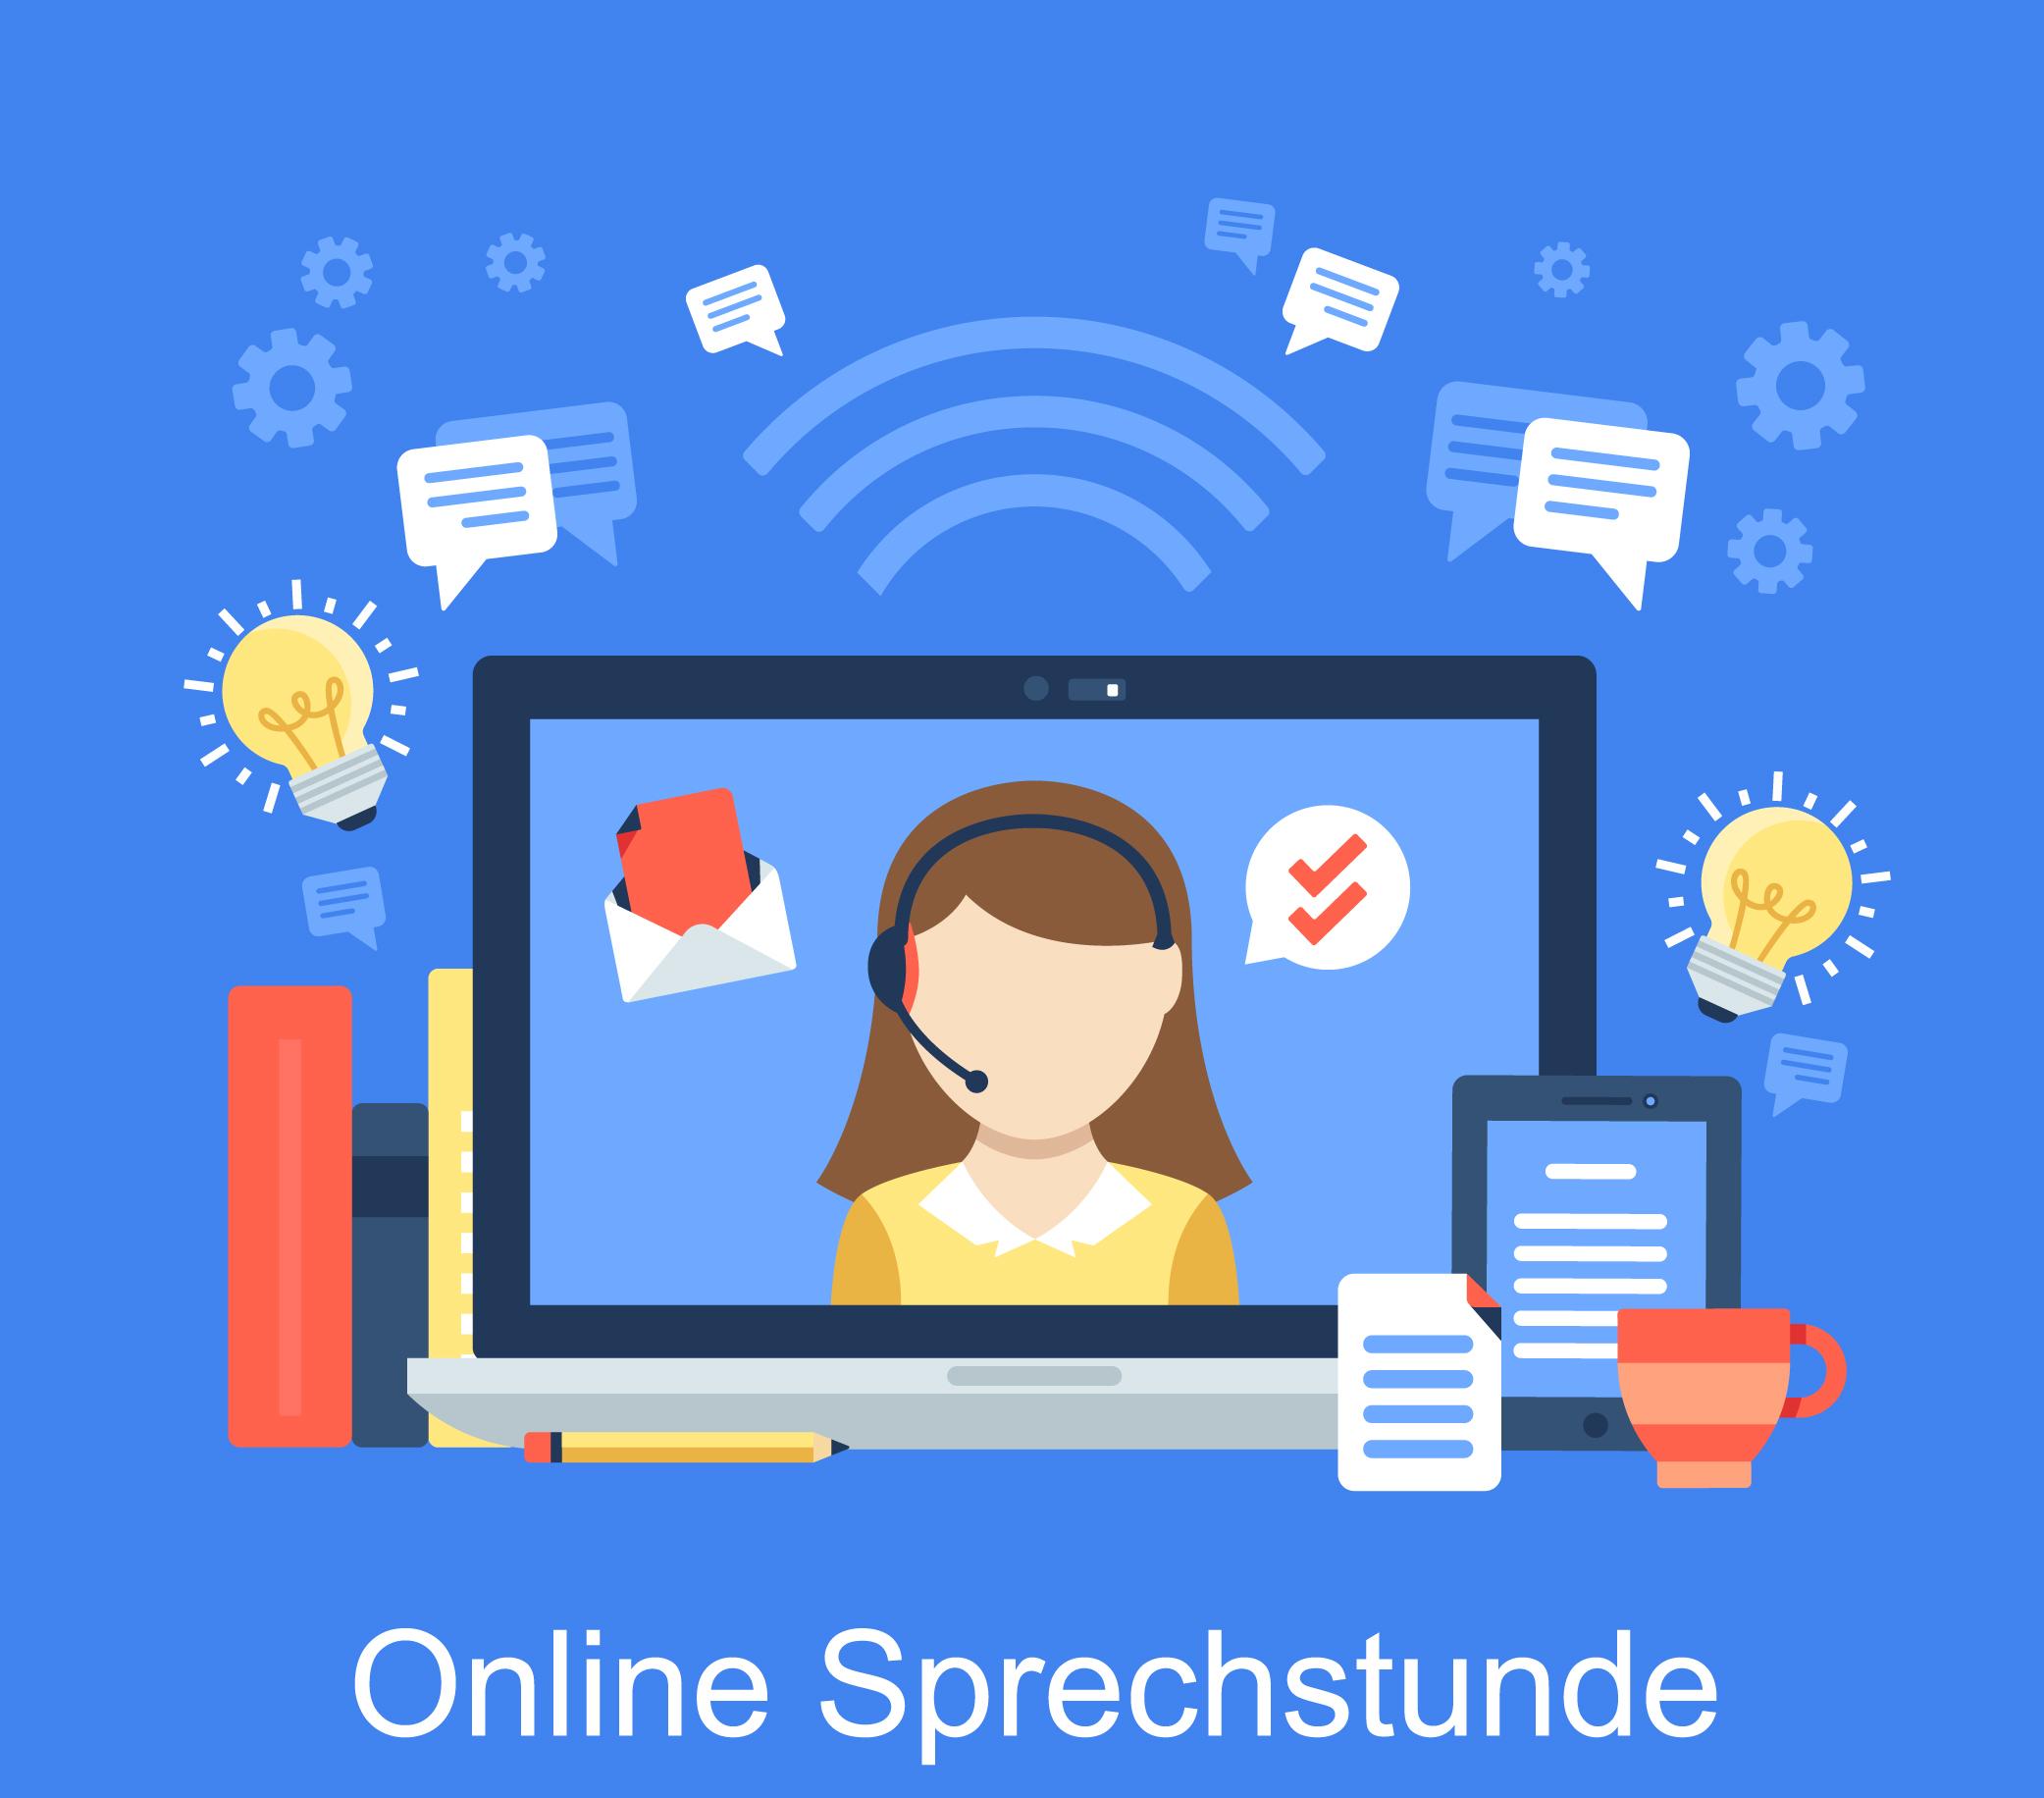 Online Sprechstunde